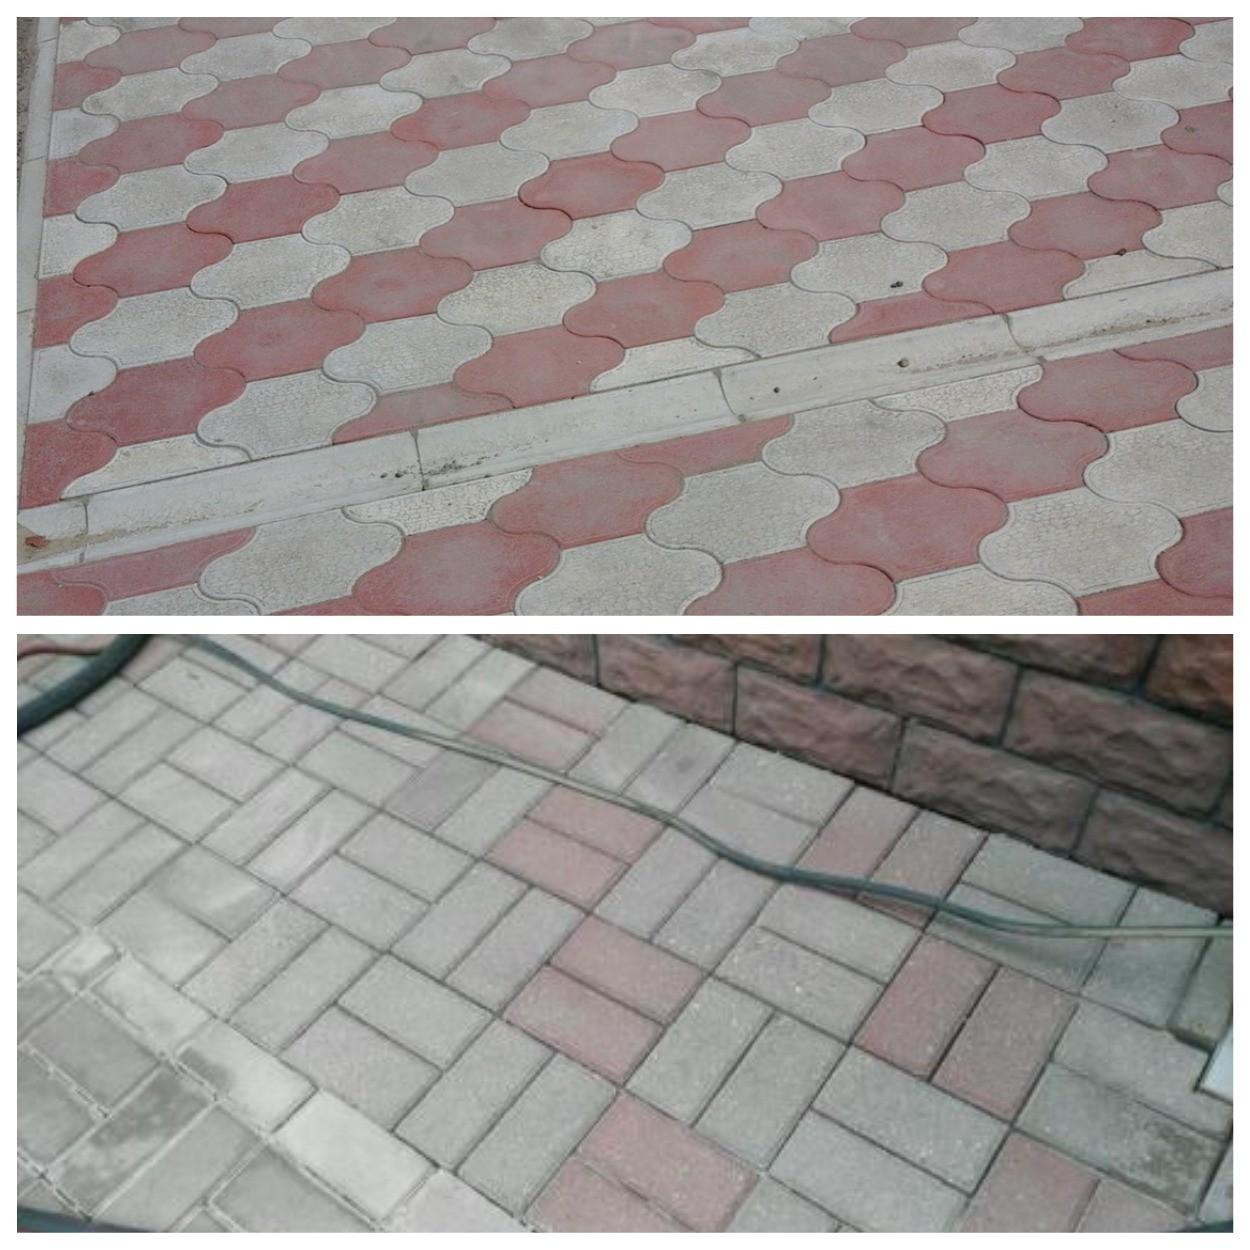 изображение потускневшей тротуарной плитки и очистка плитки от потускнения